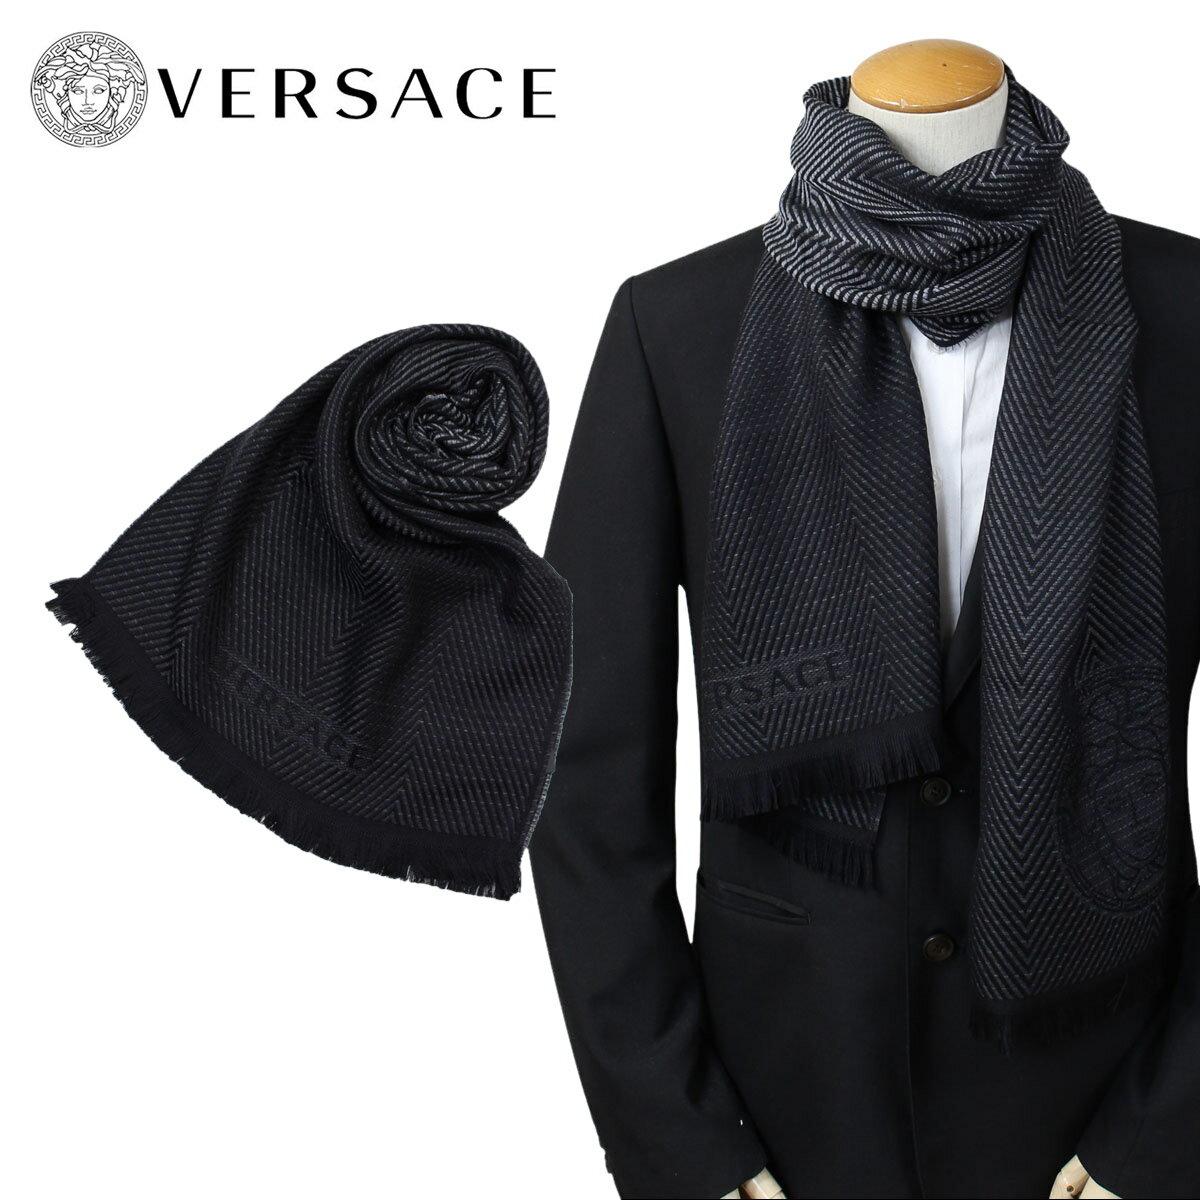 ベルサーチ マフラー ヴェルサーチ VERSACE メンズ ウール イタリア製 カジュアル ビジネス 0645